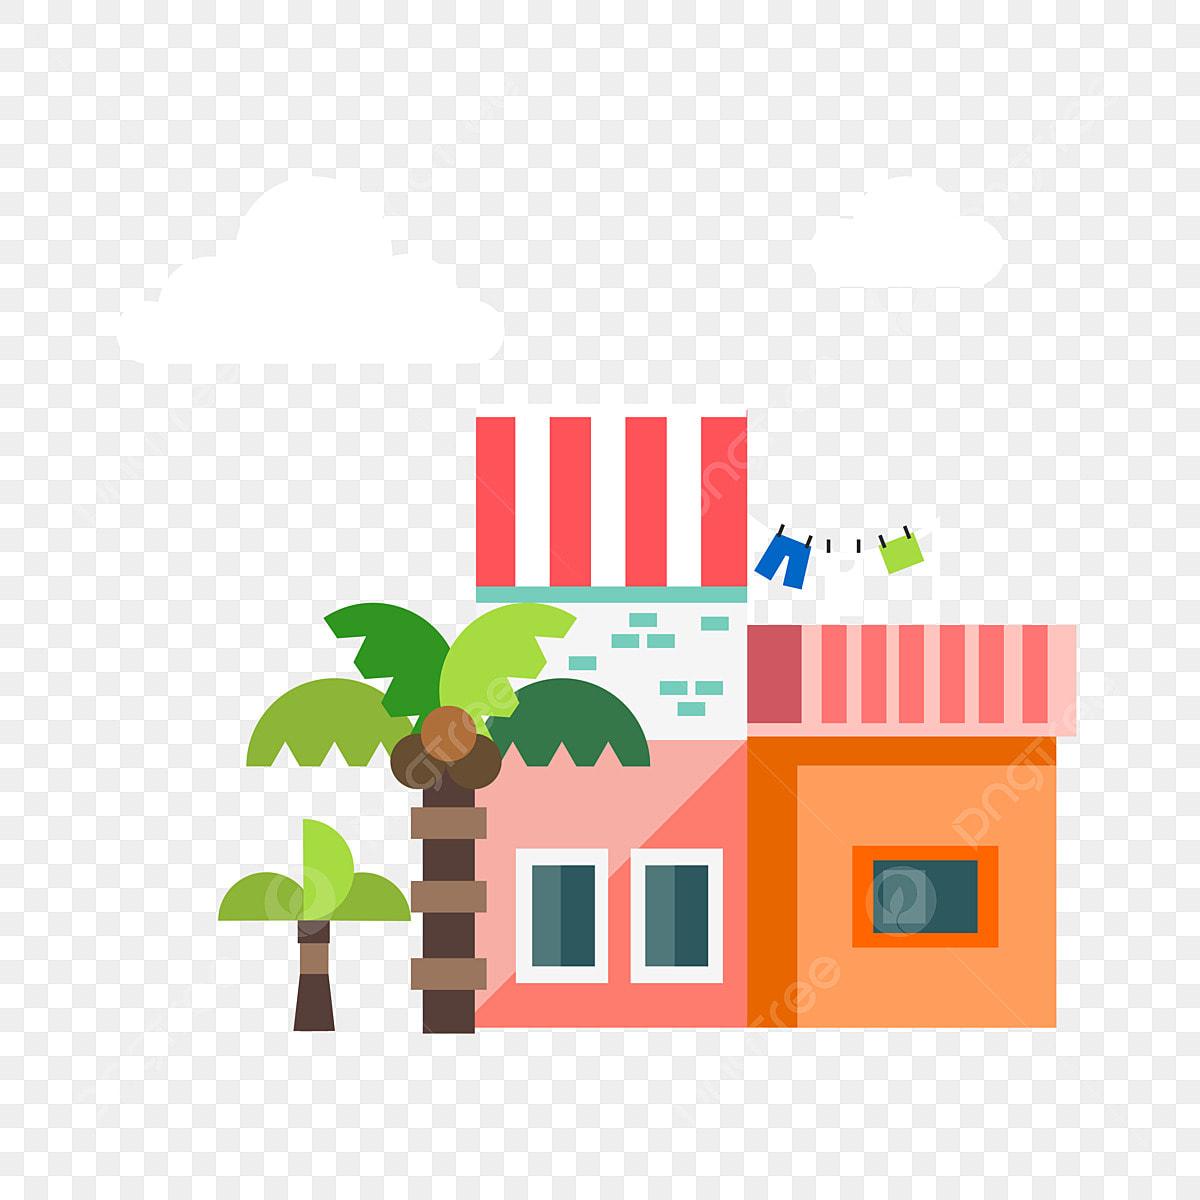 Maison De Construction Magasin Entrepot Cocotier Le Style De Hainan Batiment Tropicale Cocotier Png Et Vecteur Pour Telechargement Gratuit